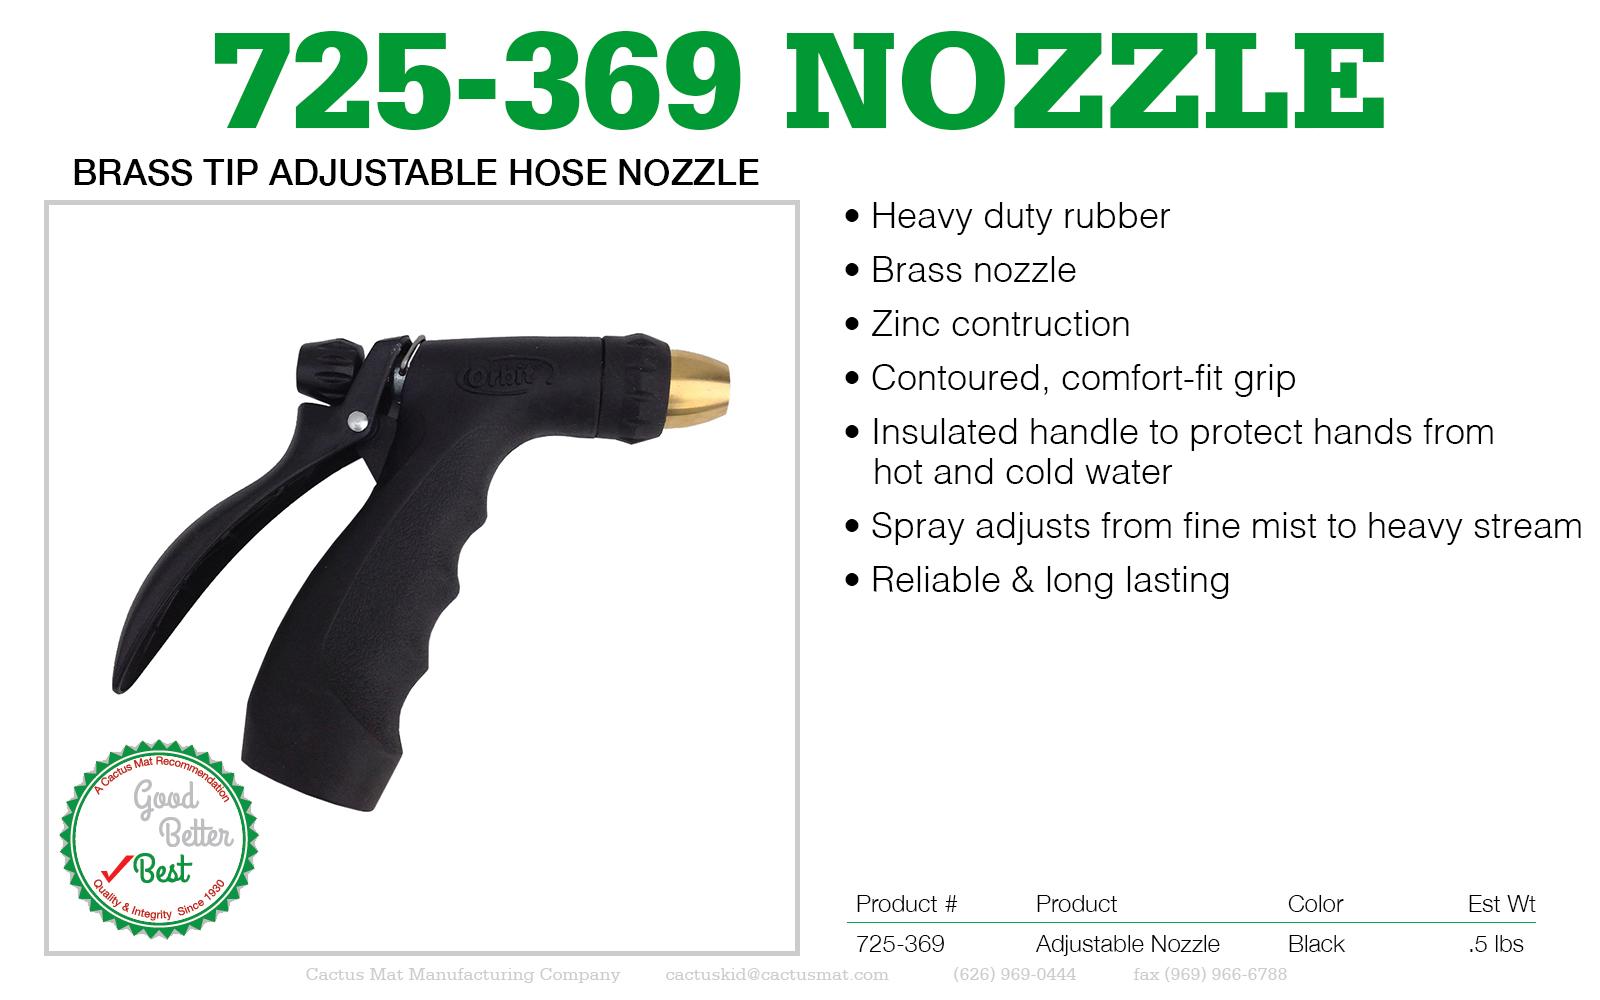 725-369_HoseNozzle_1600x1000.jpg